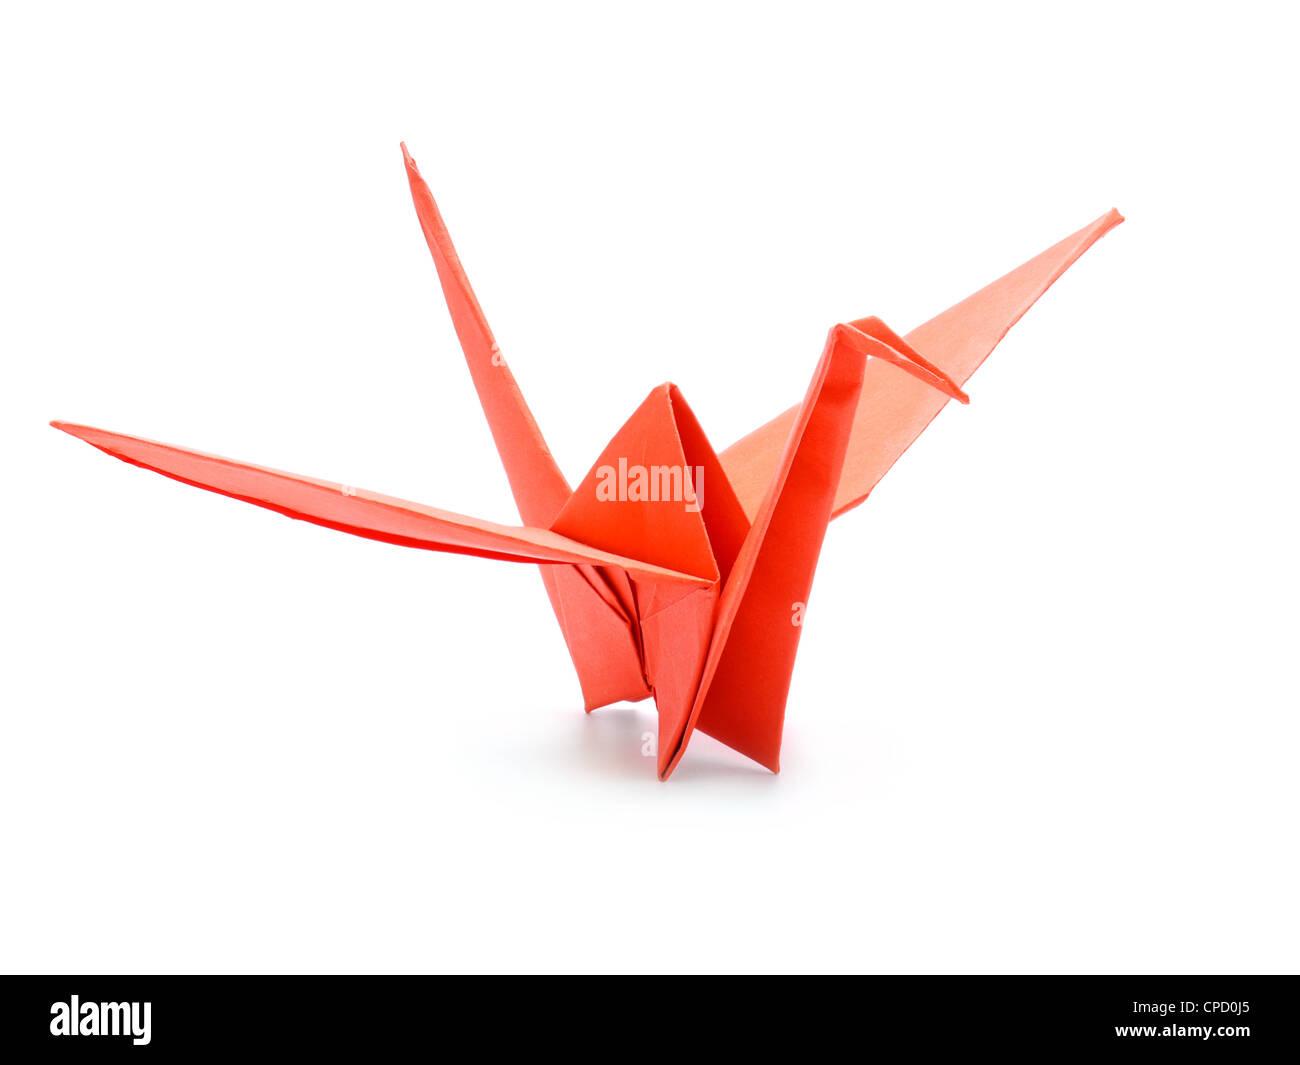 Traditionelle japanische Origami-Kranich, hergestellt aus rotem Papier auf weißem Hintergrund Stockbild